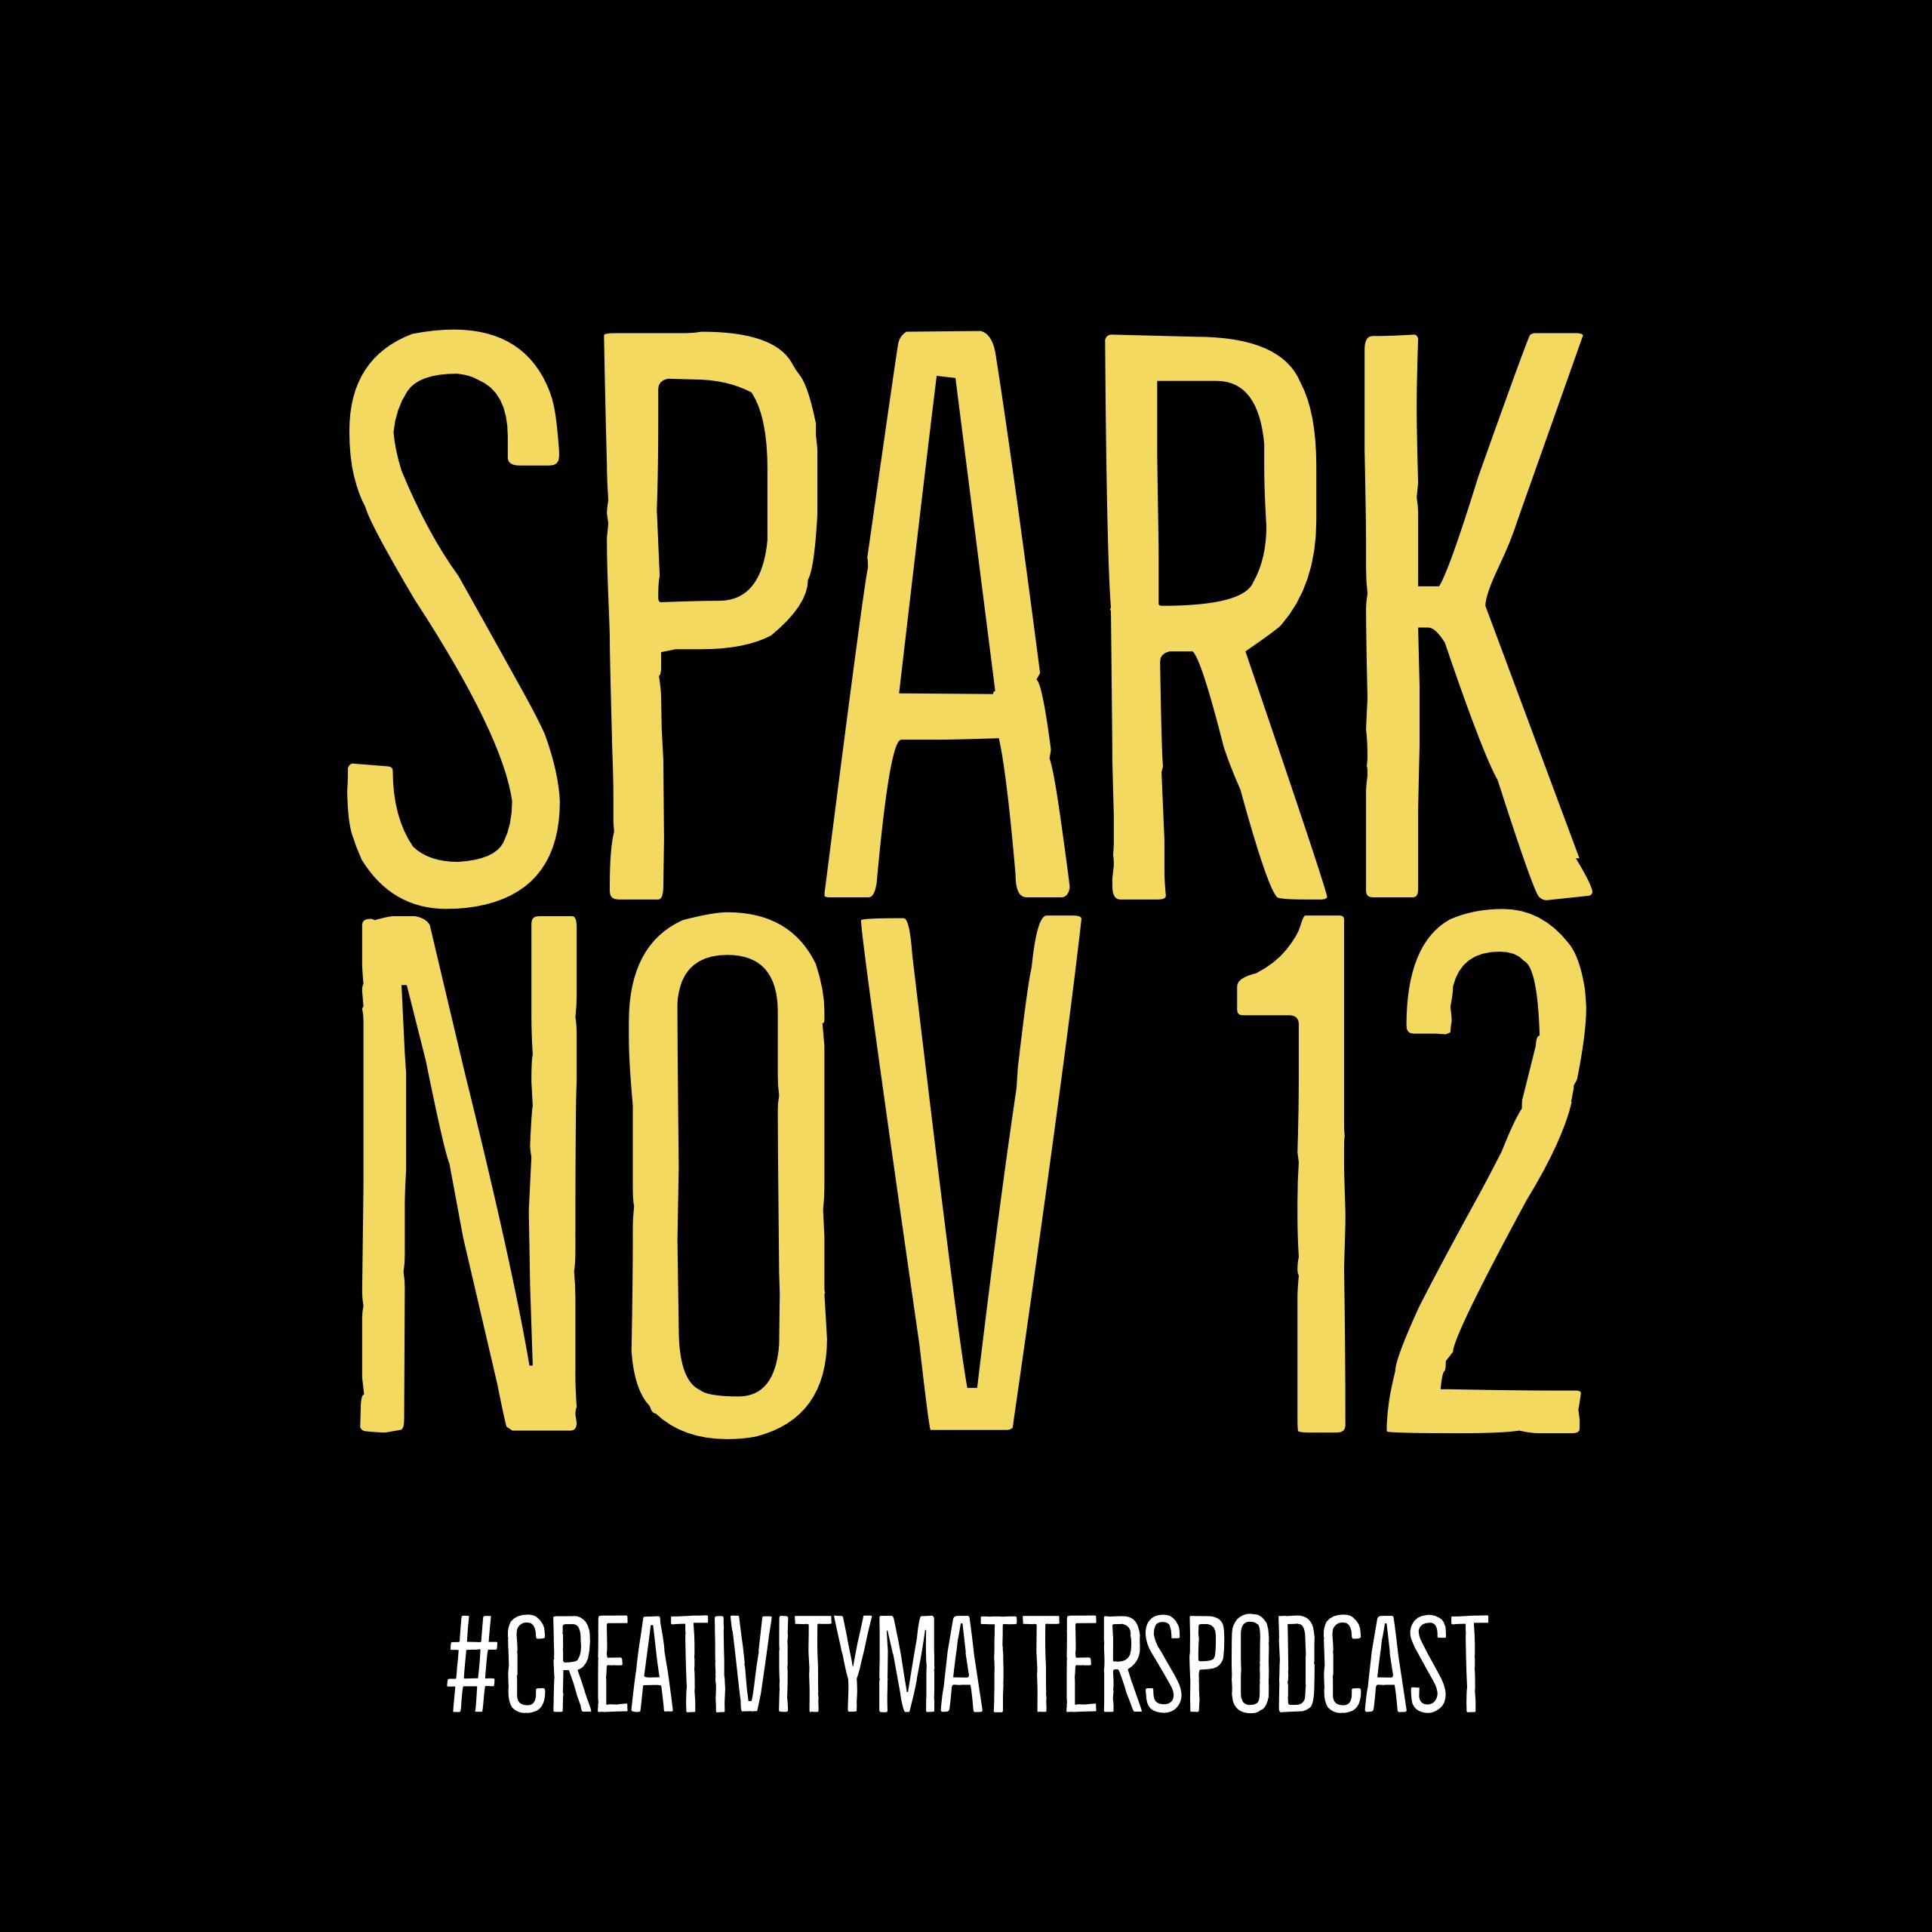 Spark Nov 12